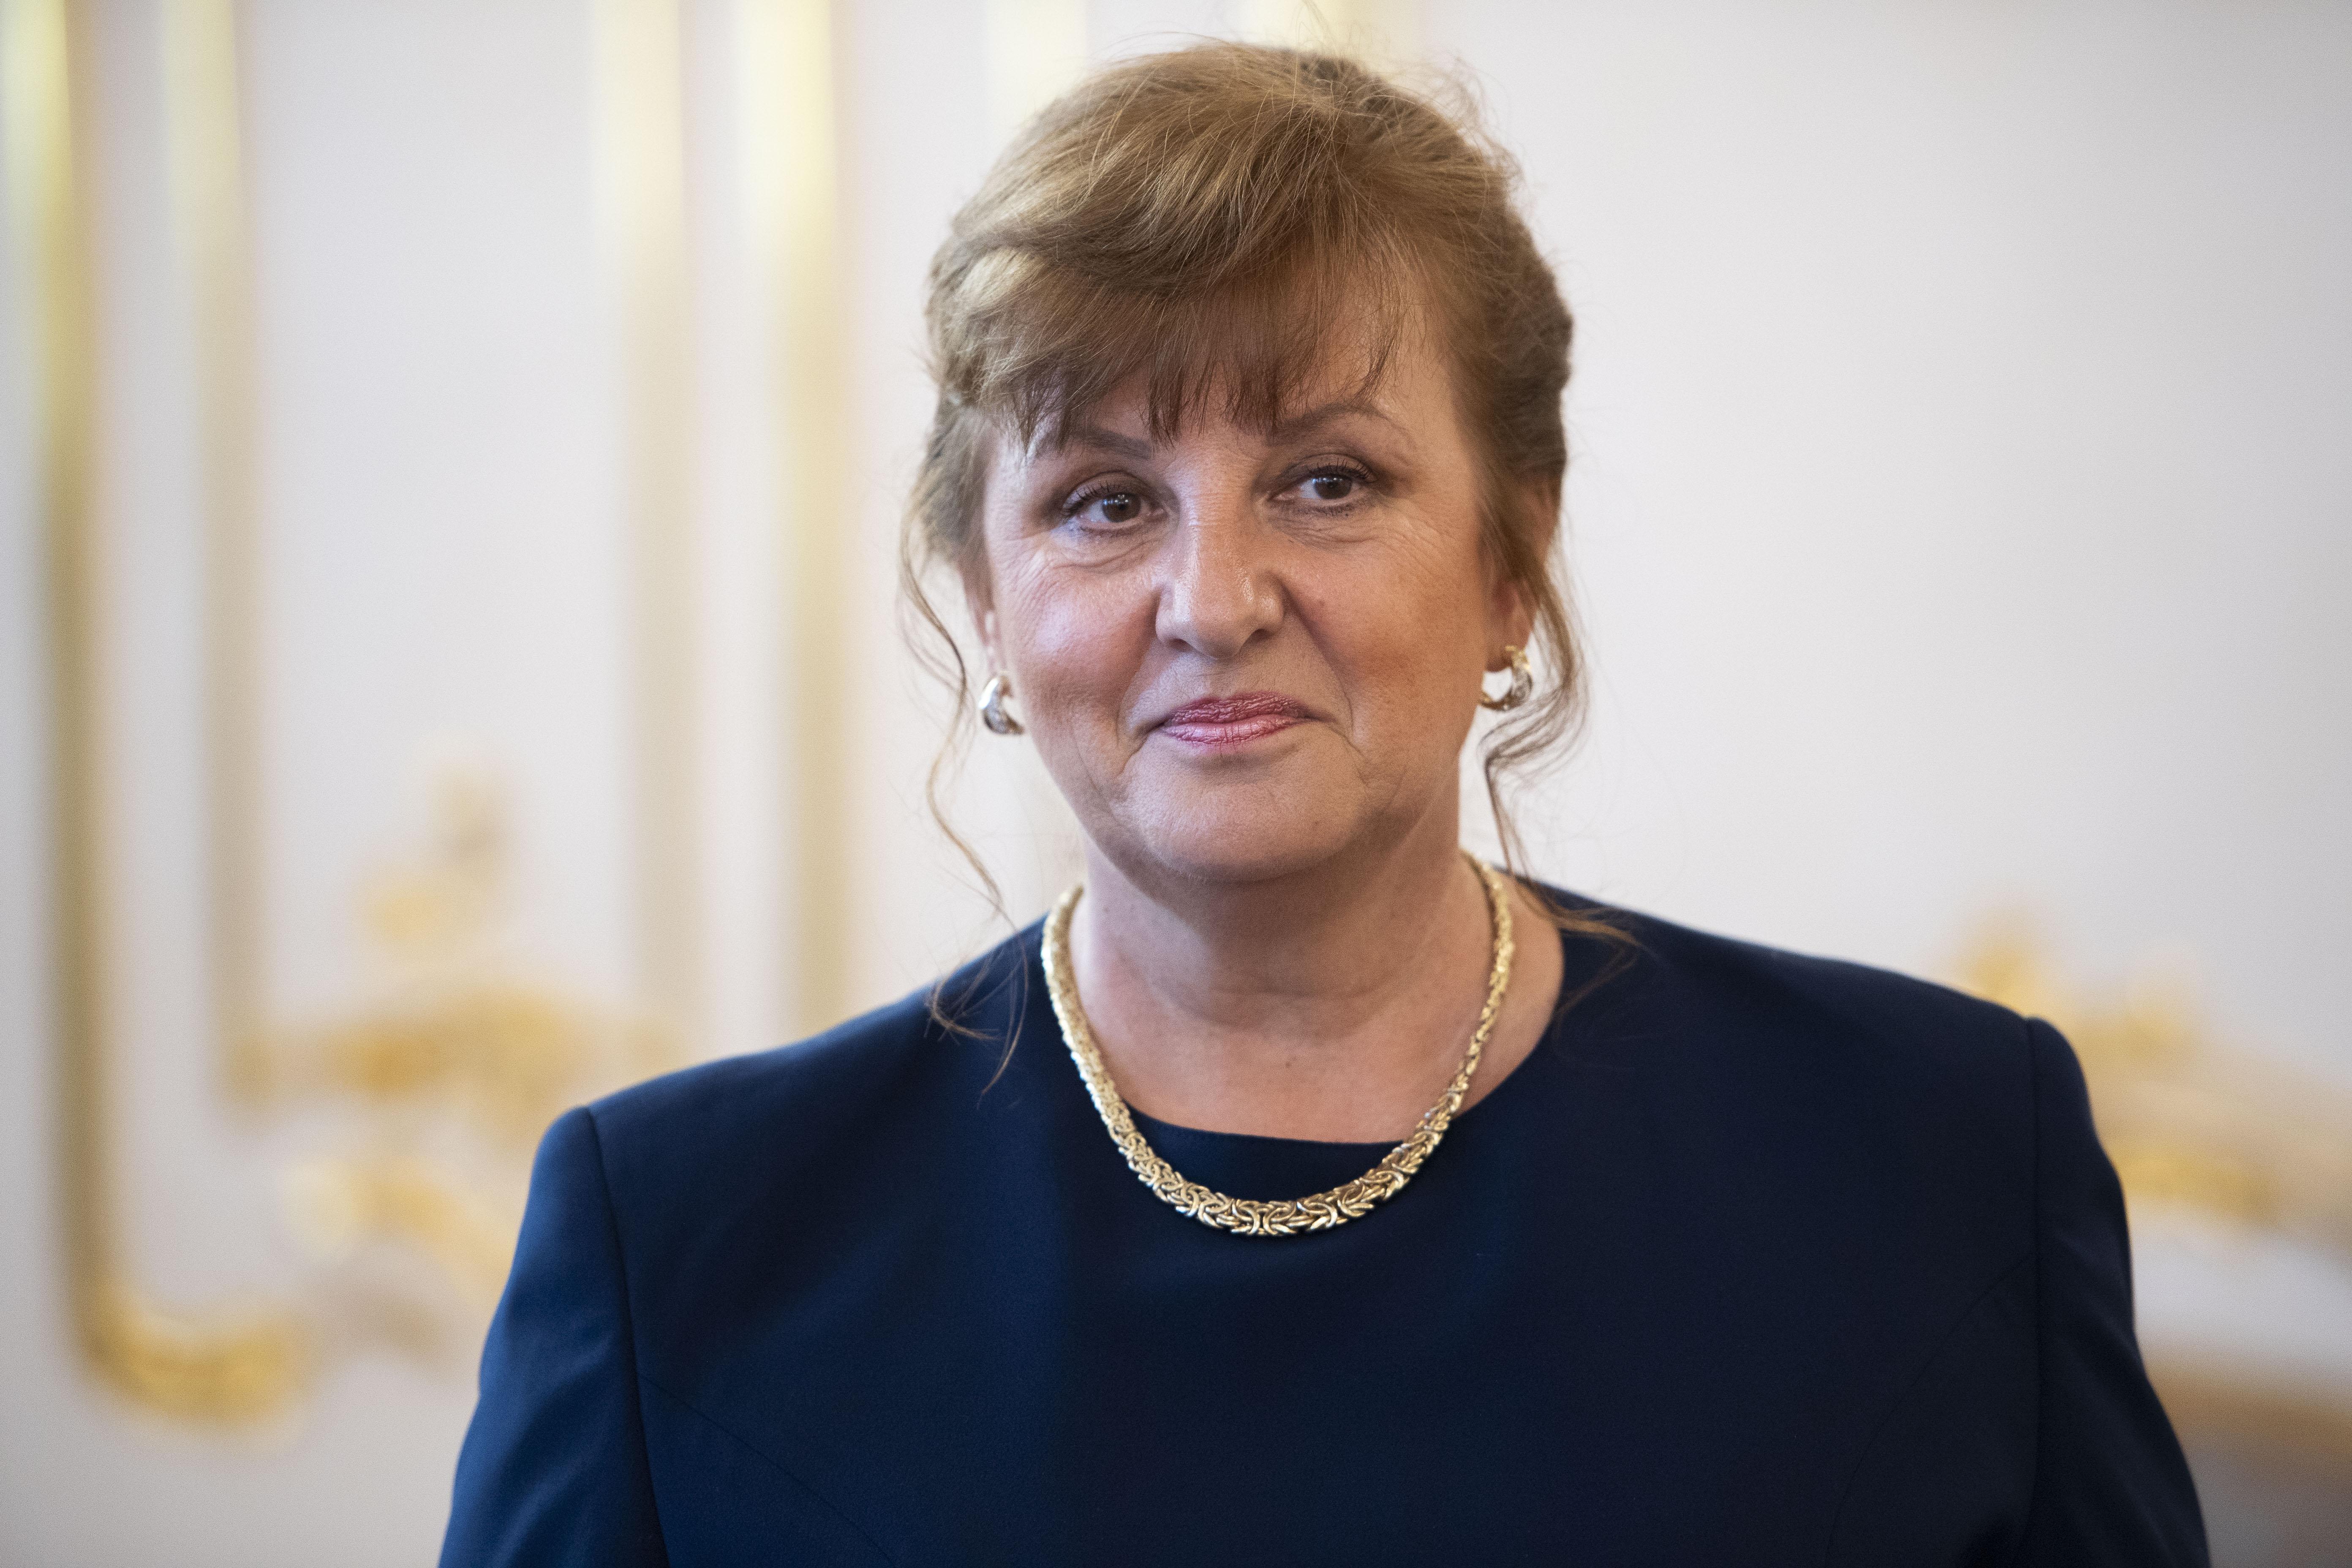 Jarmila Urbancová pri menovaní do funkcie podpredsedníčky Najvyššieho súdu. Foto – TASR